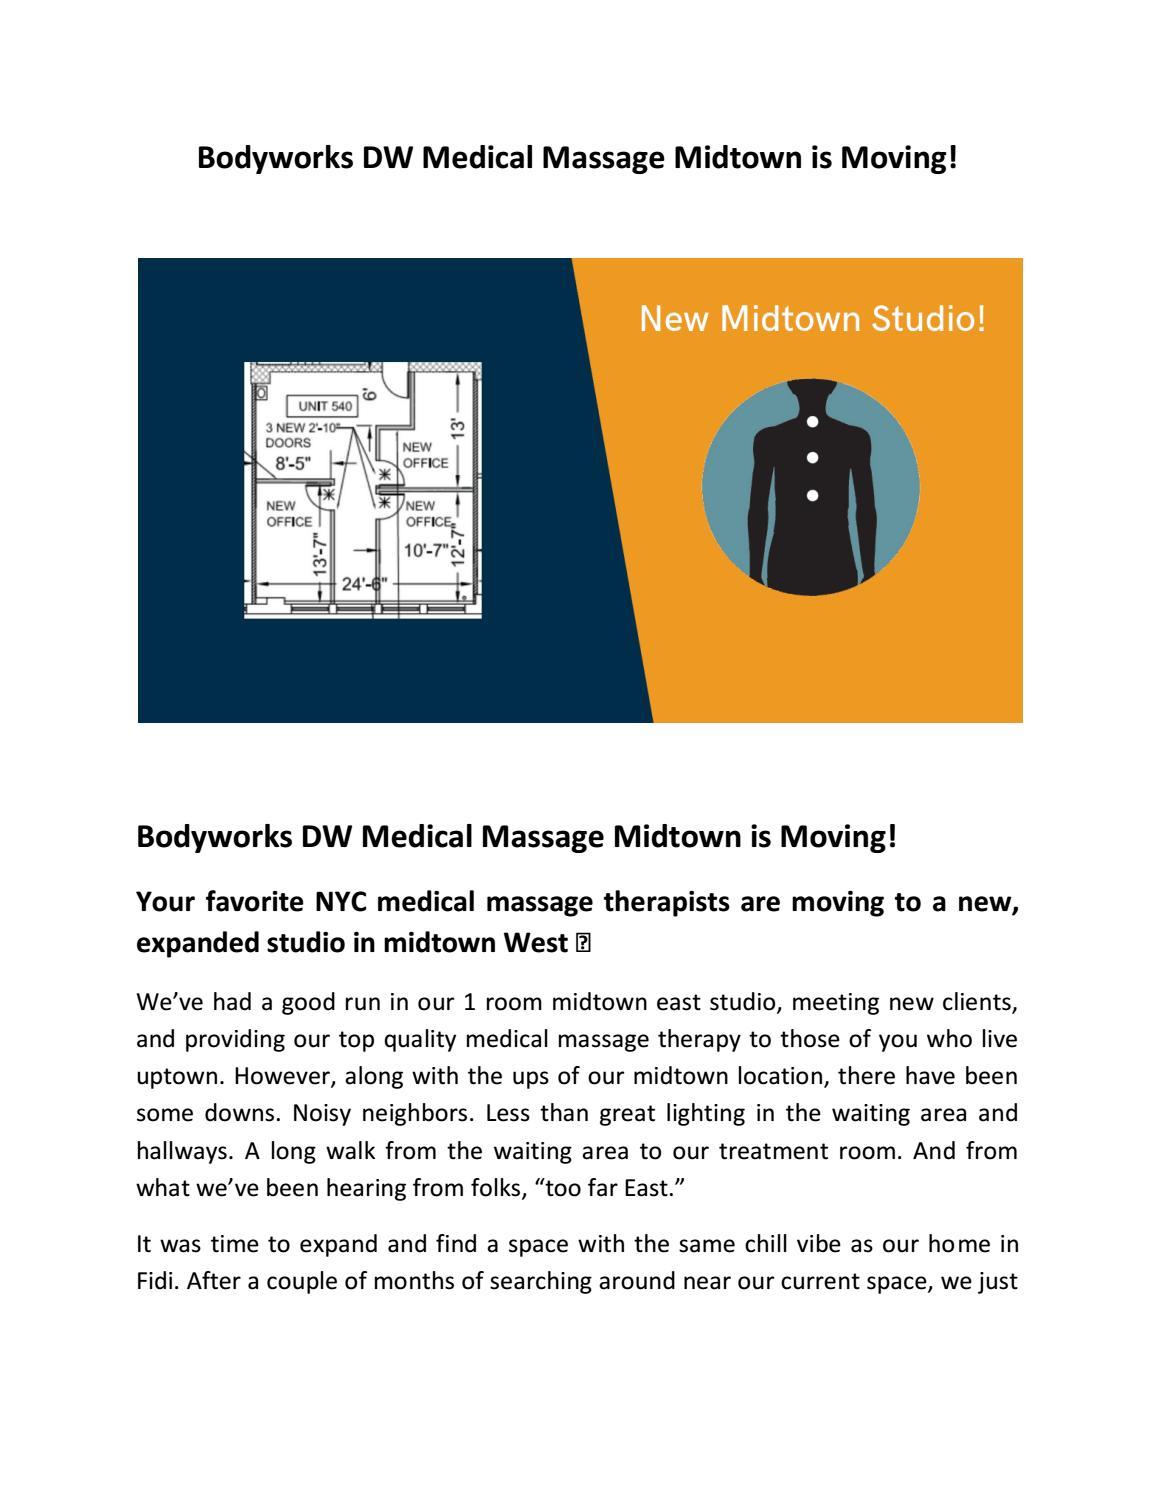 Bodyworks DW Medical Massage Midtown is Moving! by Bodyworks